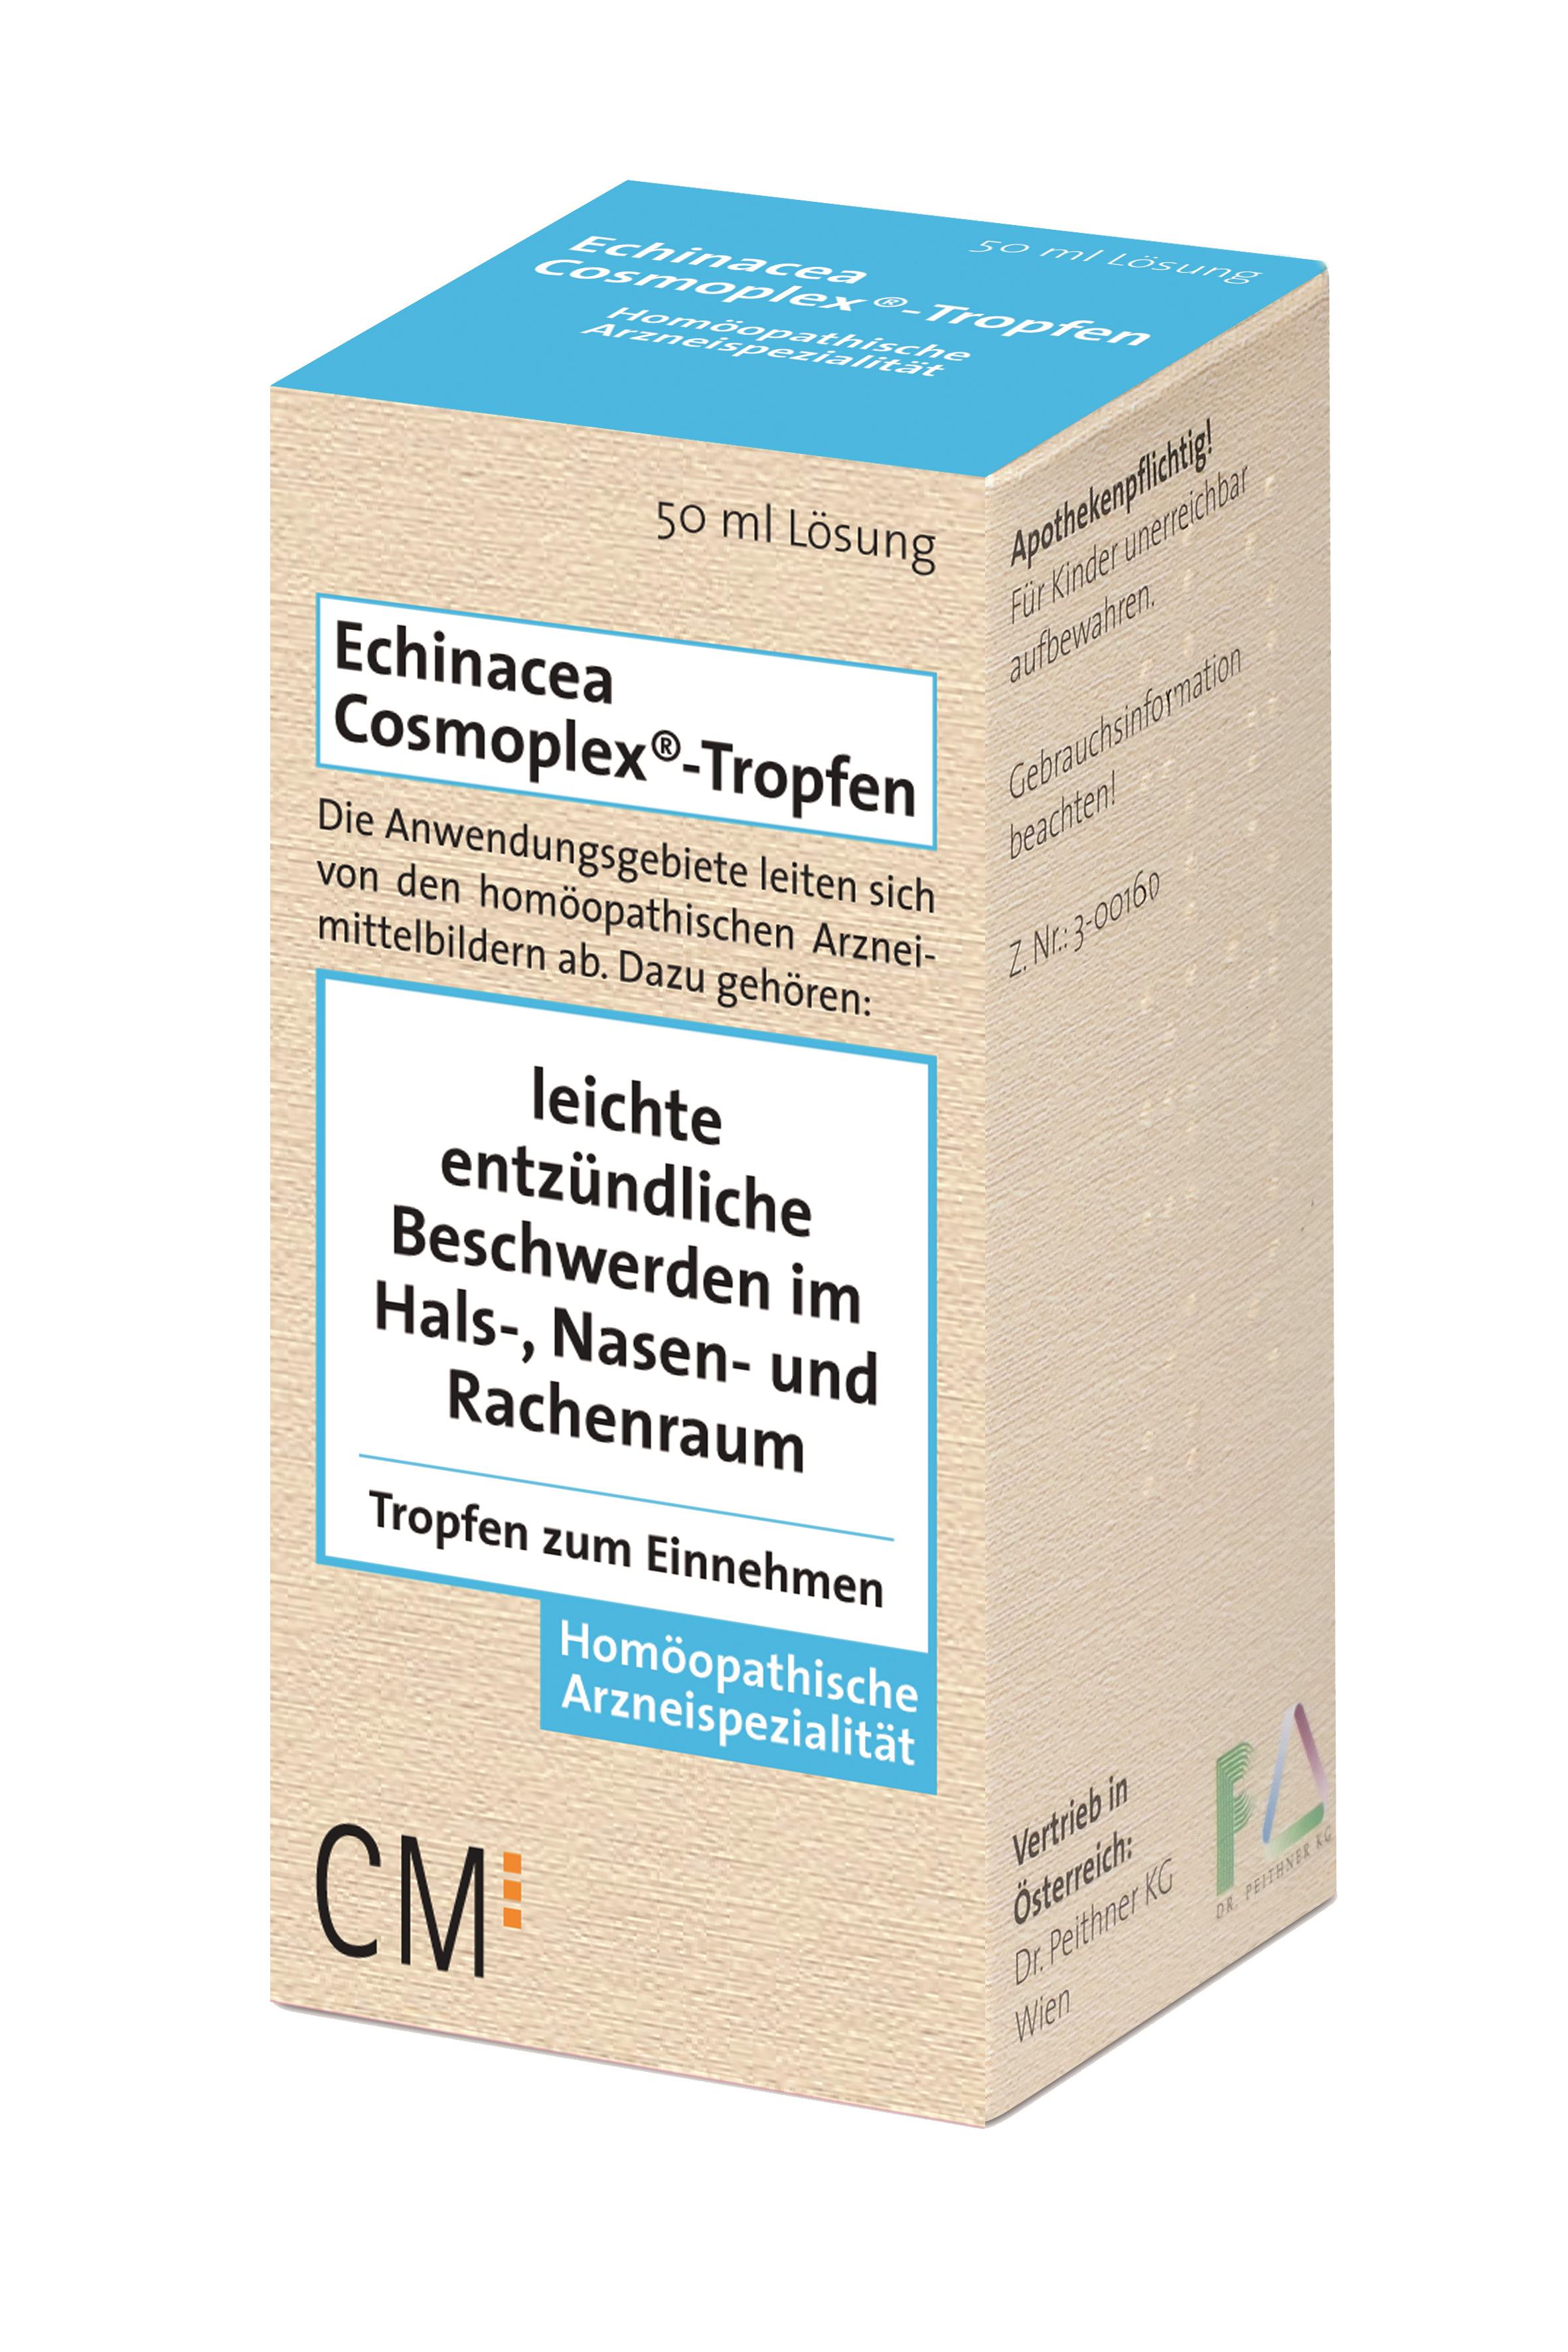 Echinacea-Cosmoplex - Tropfen